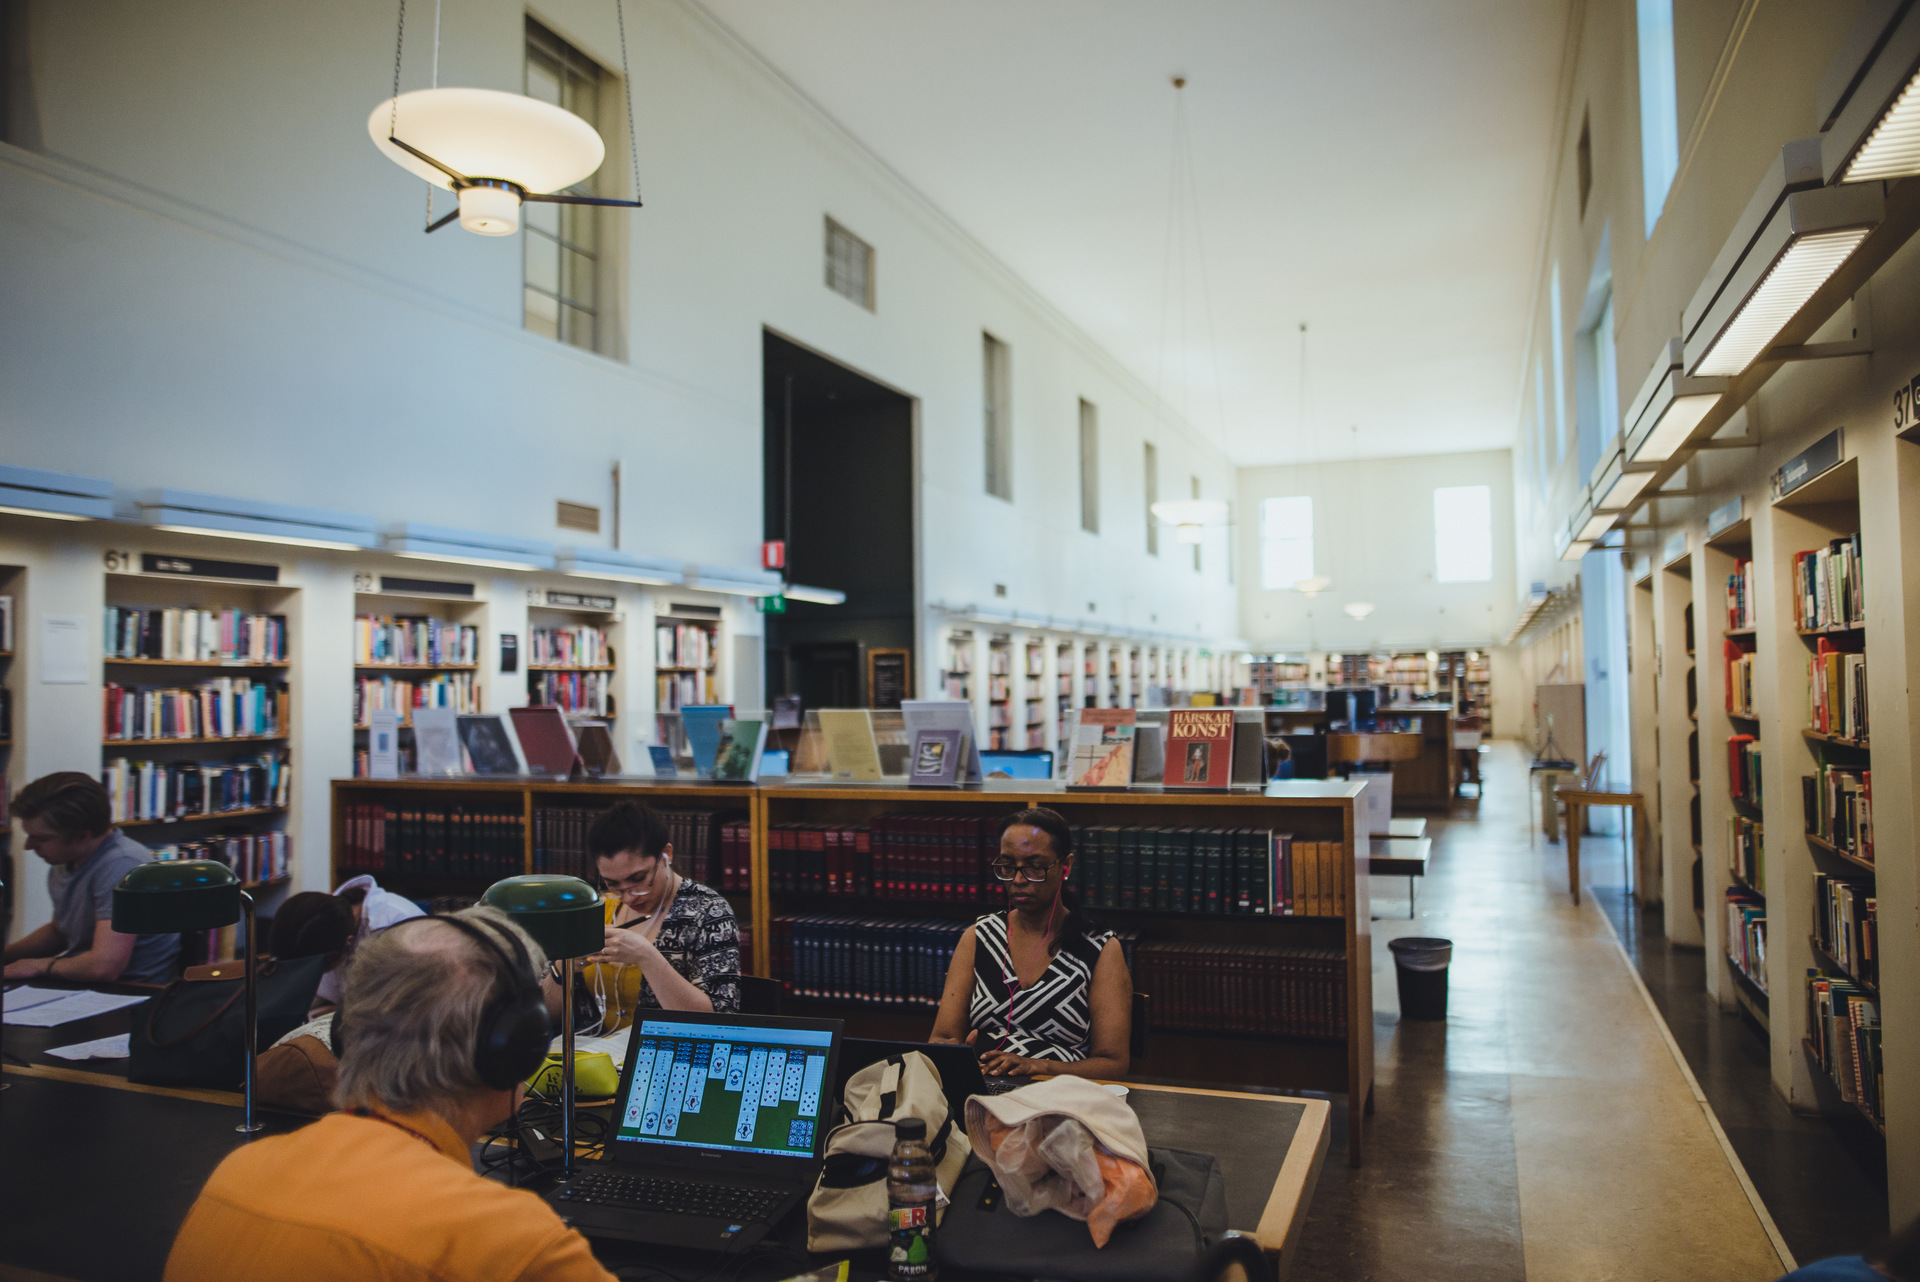 biblioteka w sztokholmie